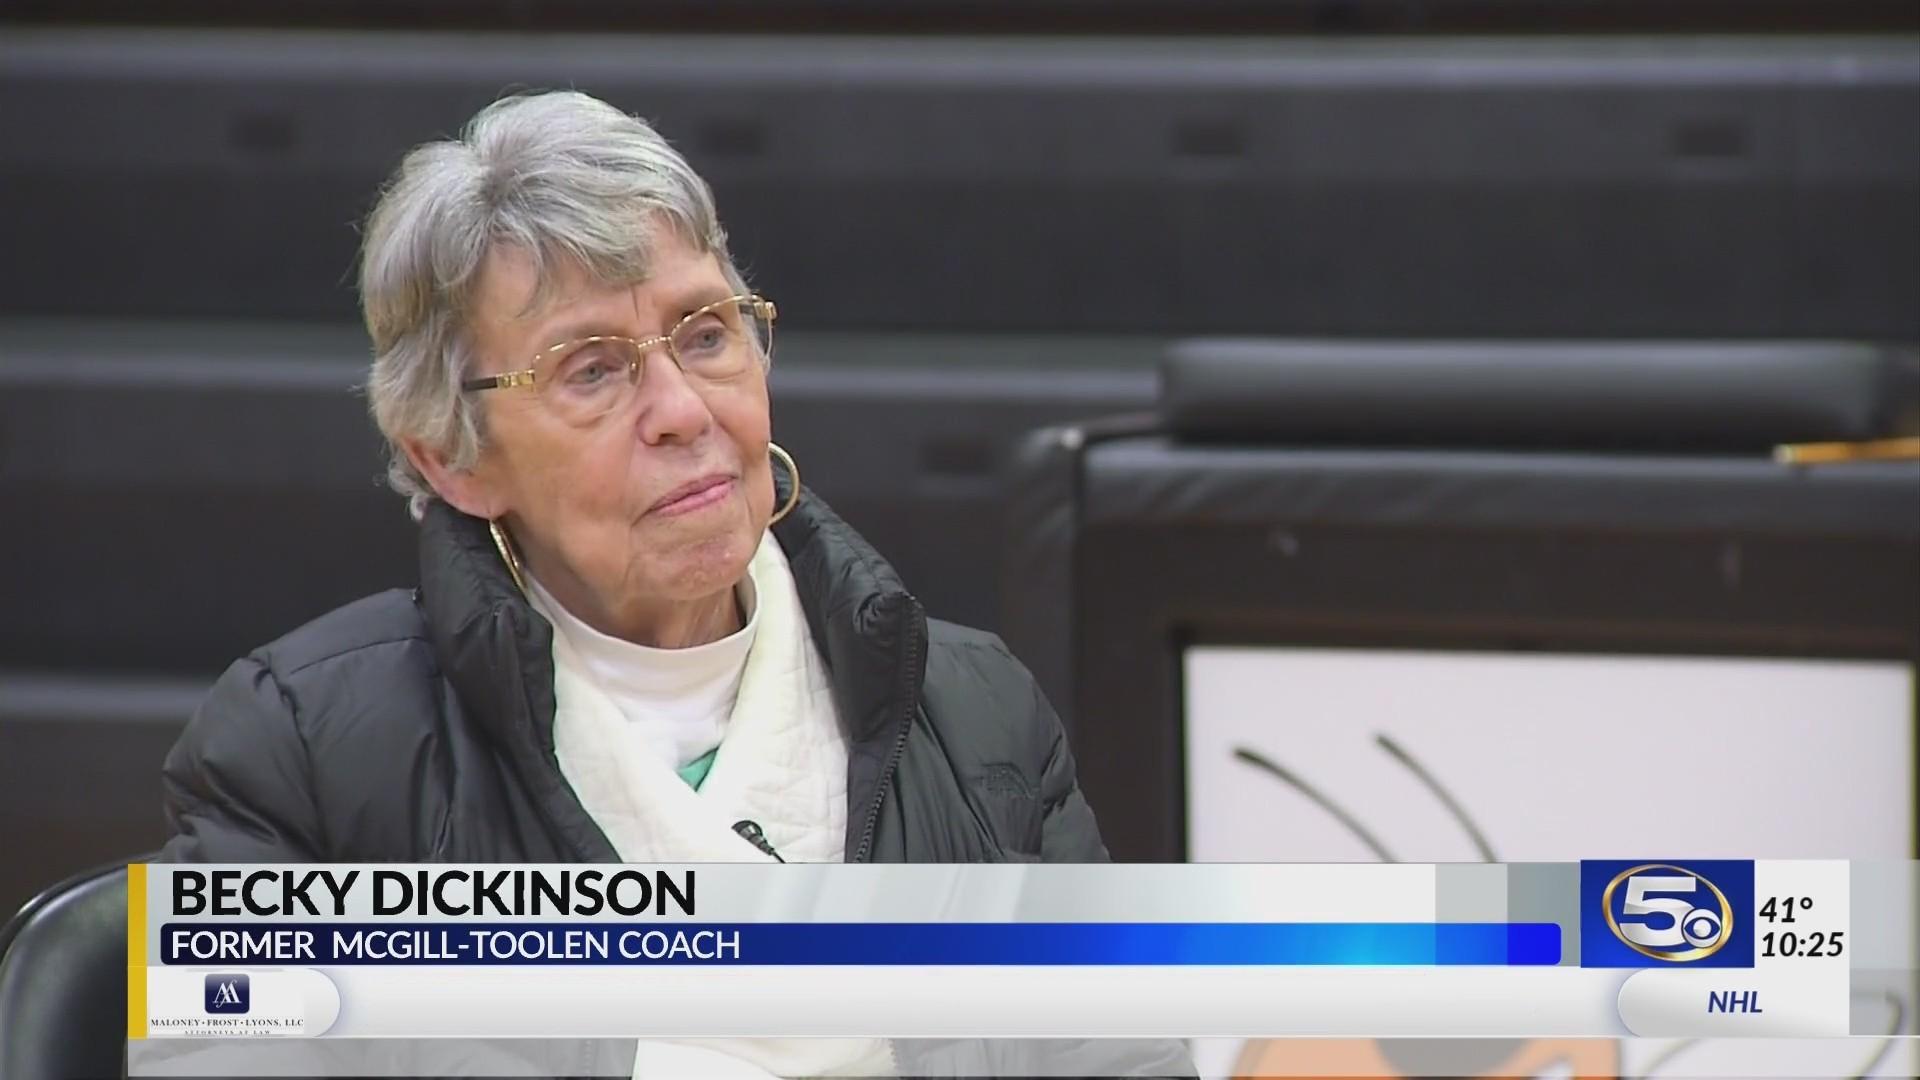 VIDEO: Legendary local high school coach battling cancer